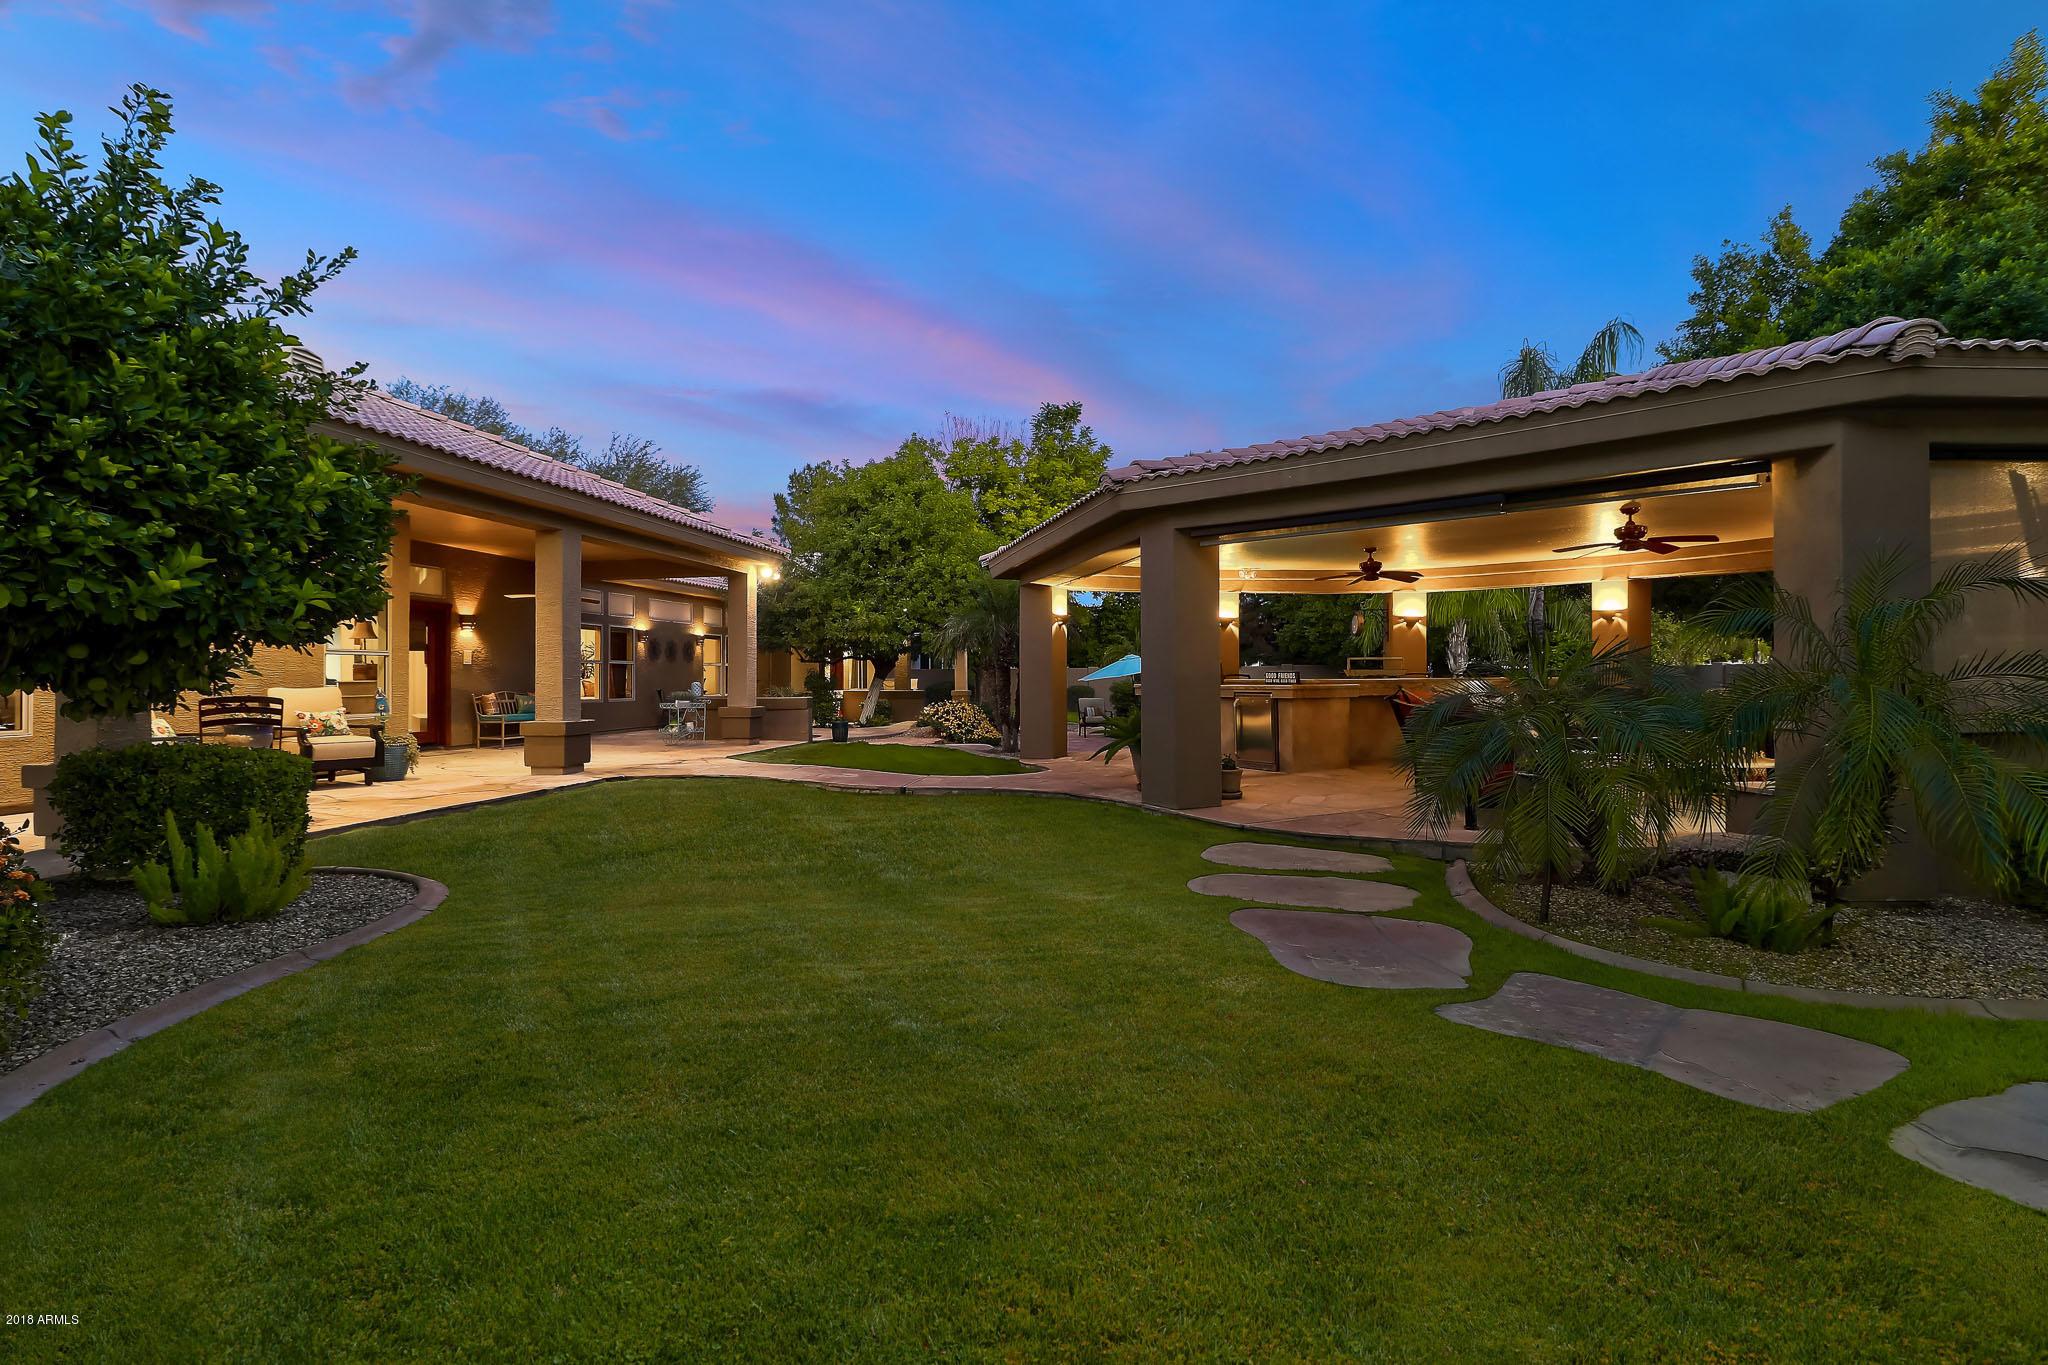 MLS 5847104 12821 W DENTON Avenue, Litchfield Park, AZ 85340 Litchfield Park AZ Private Pool